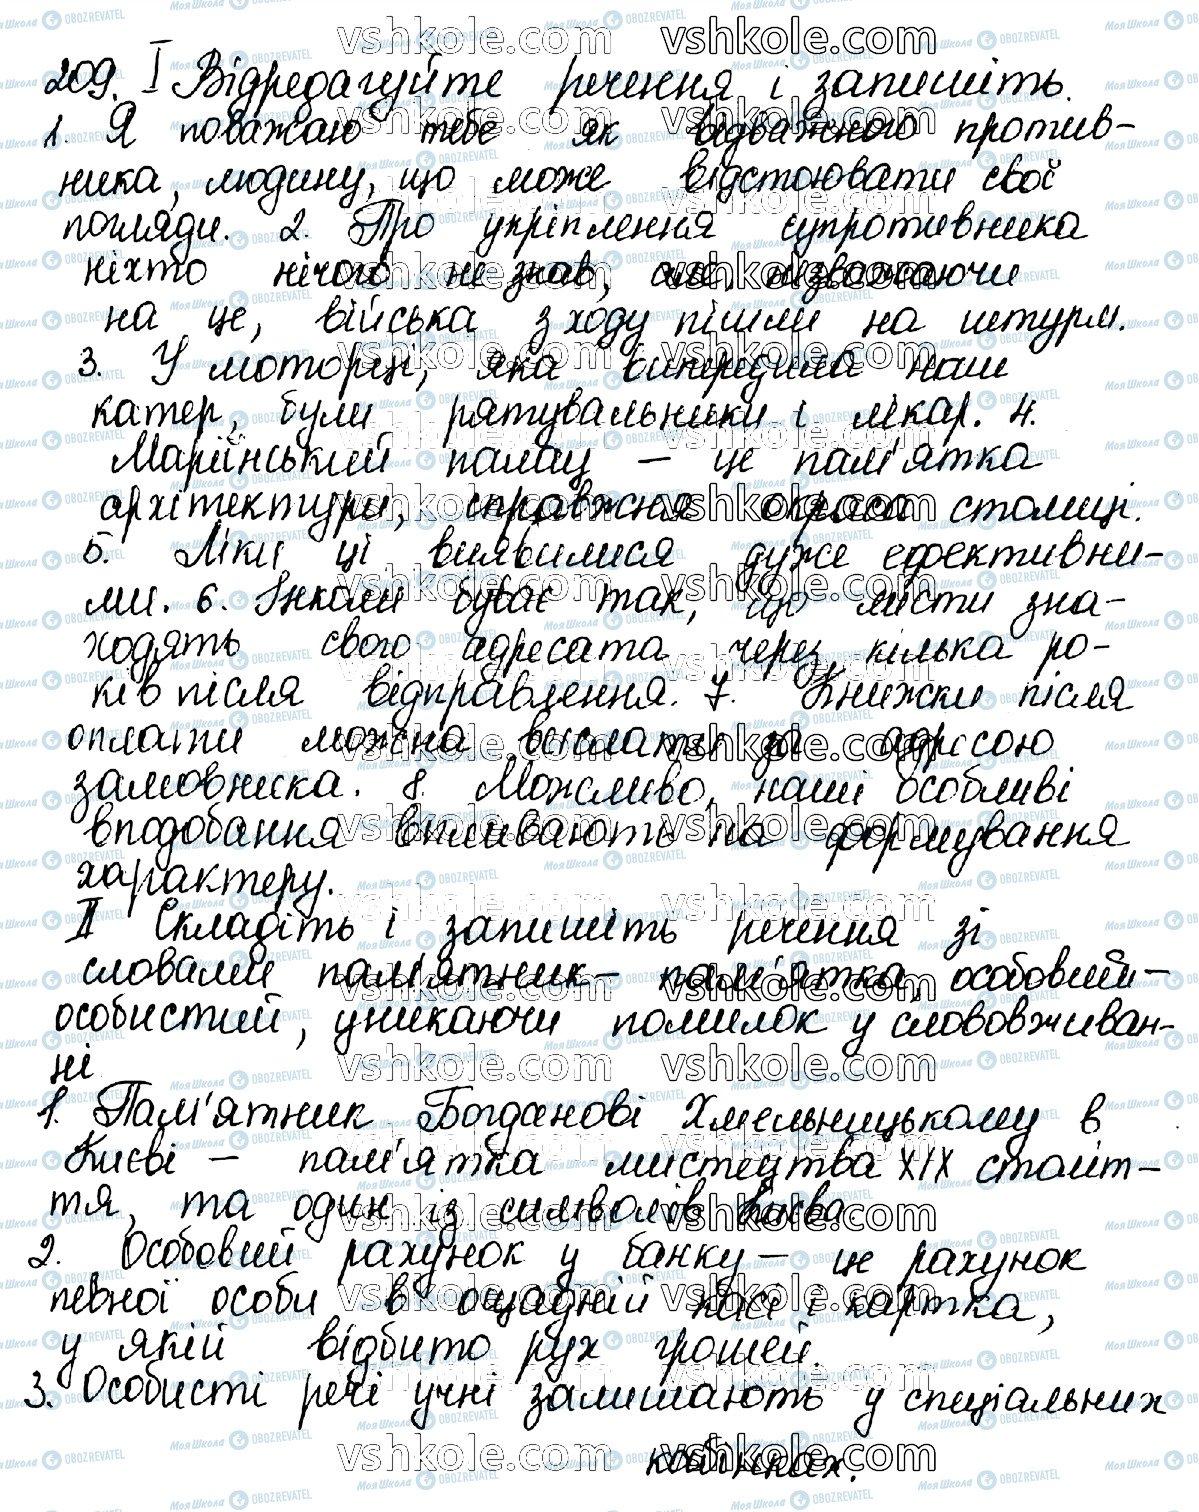 ГДЗ Українська мова 10 клас сторінка 209